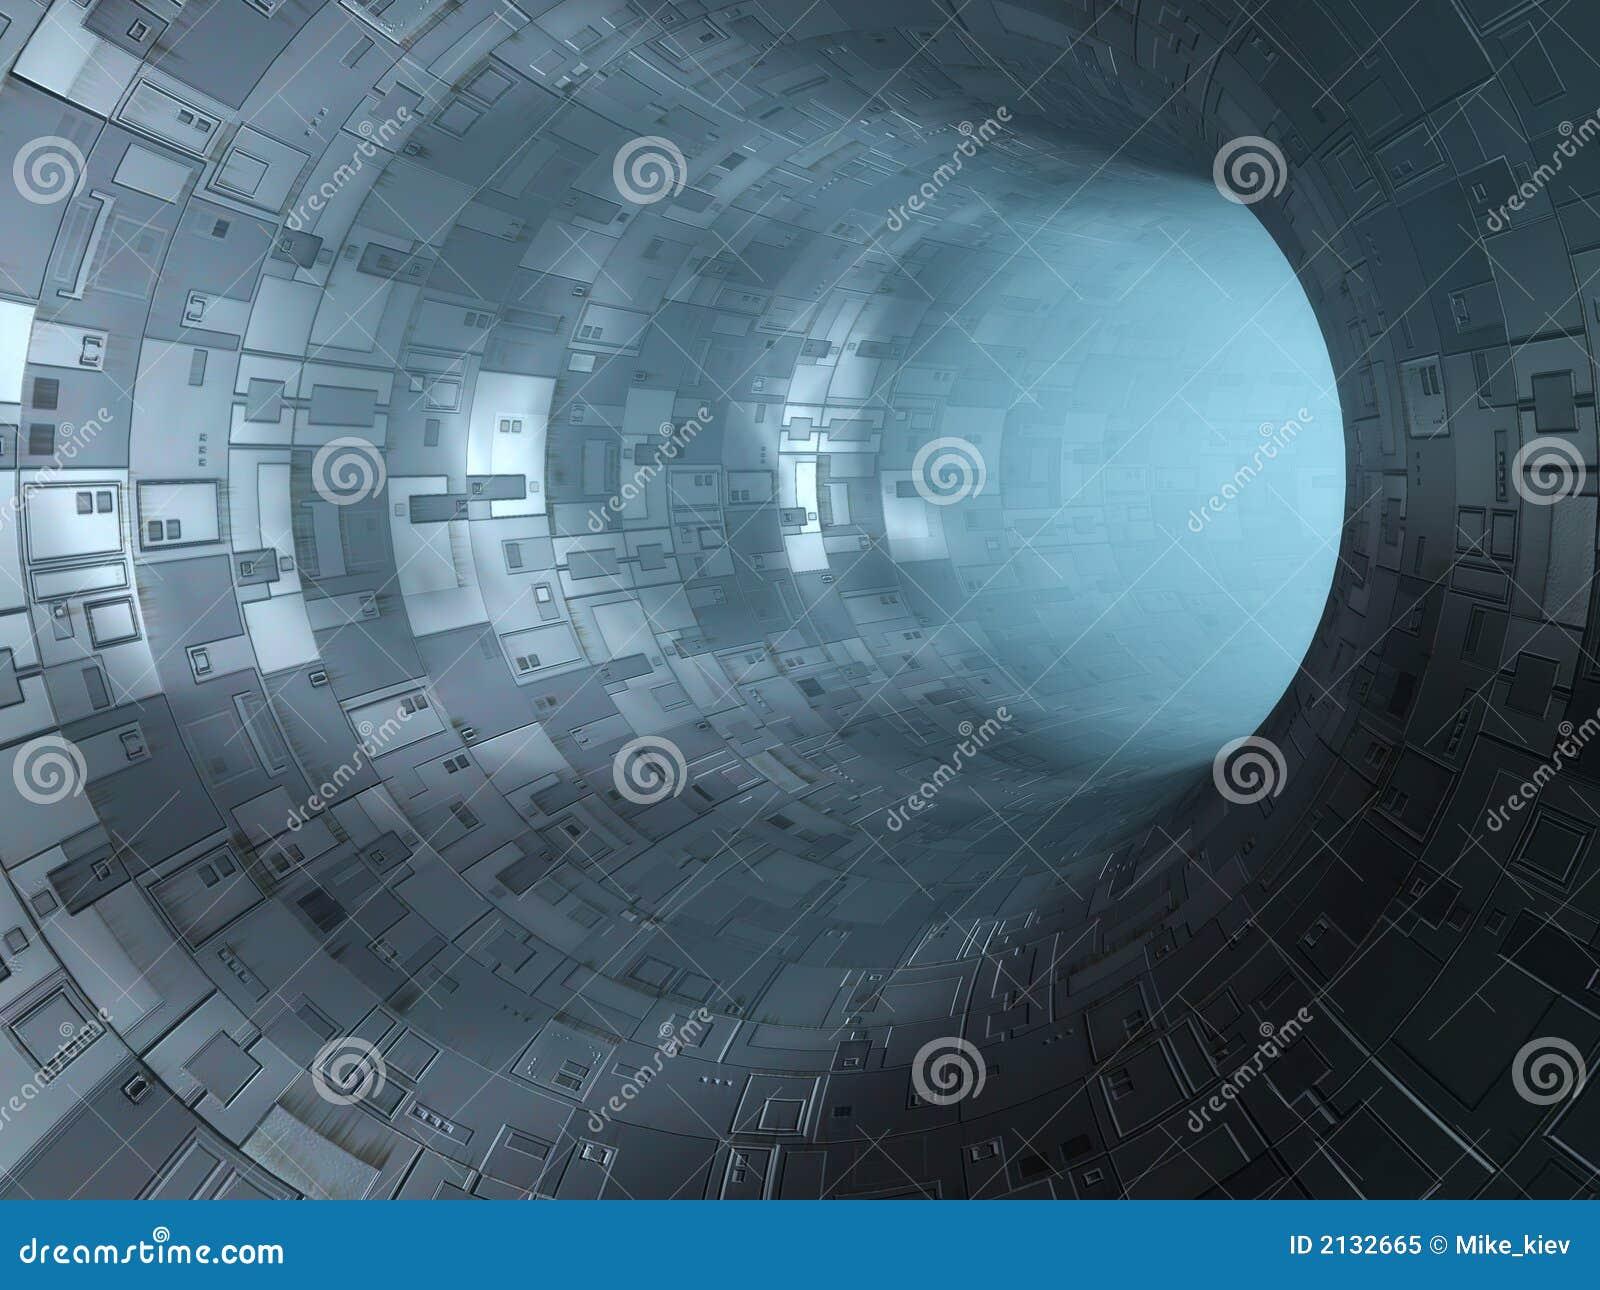 Hightechtunnel